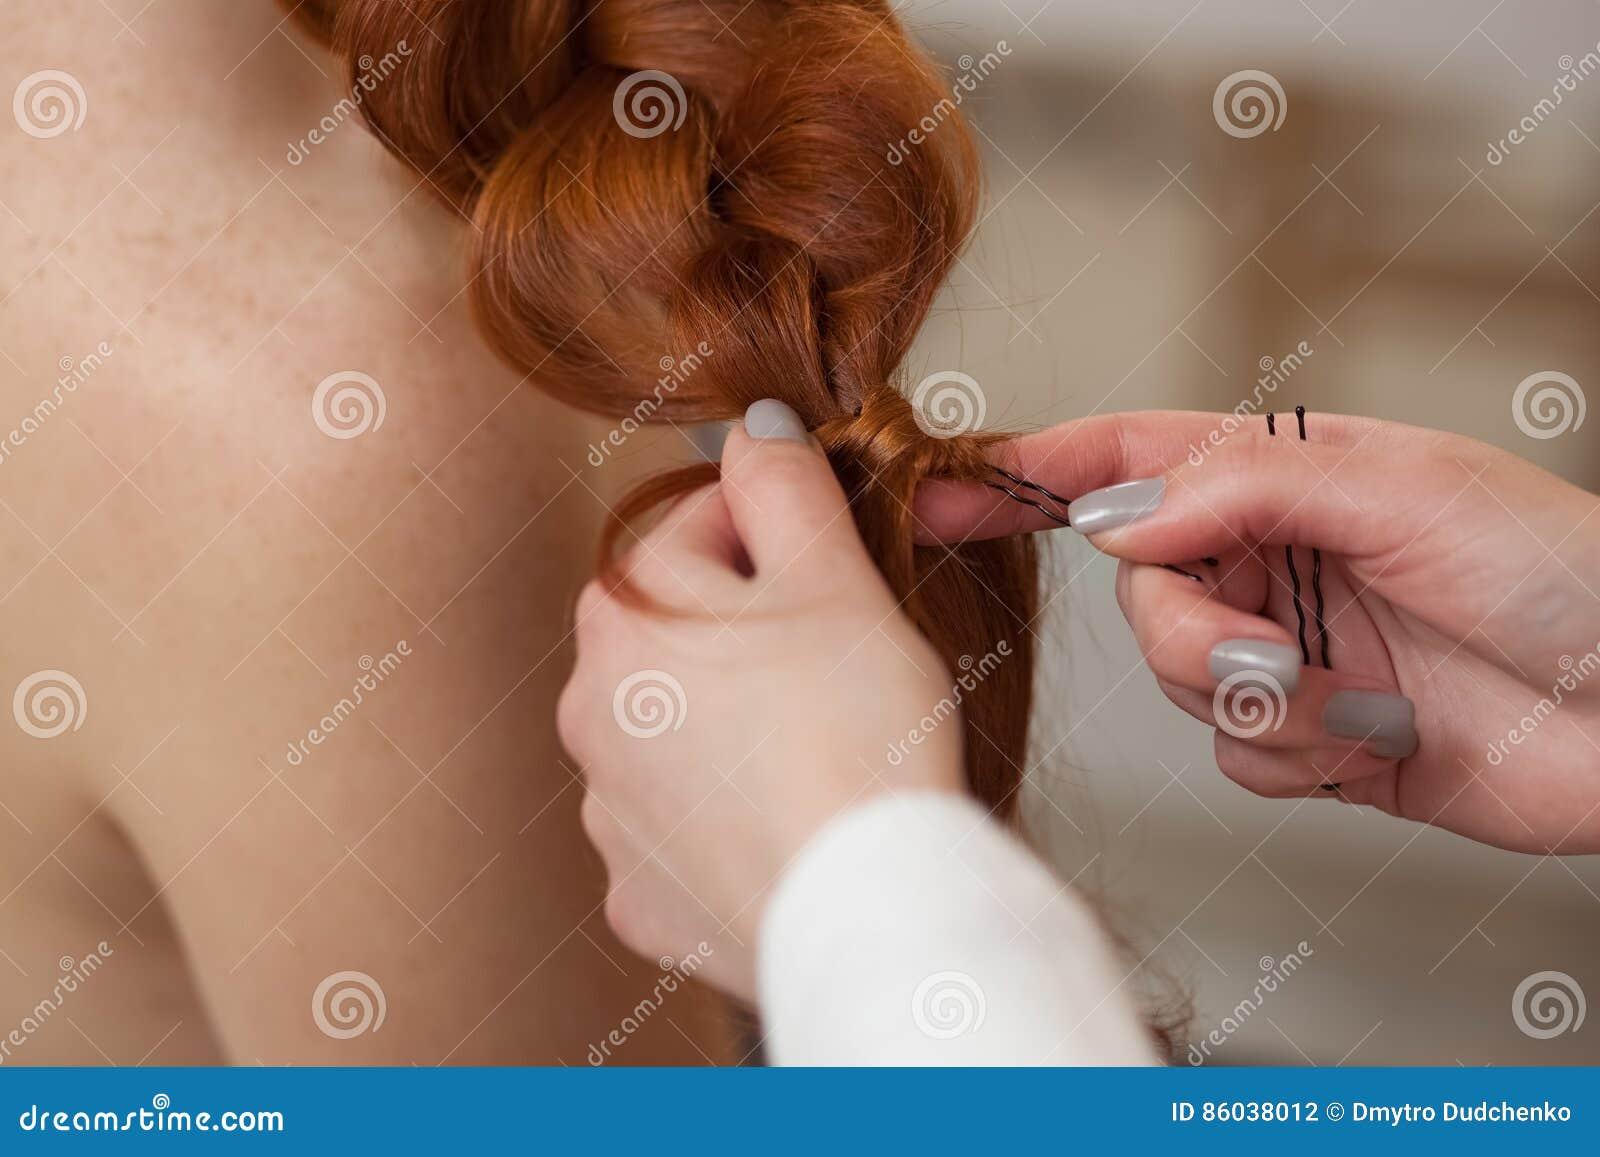 Το όμορφο, κοκκινομάλλες κορίτσι με μακρυμάλλη, κομμωτής υφαίνει μια γαλλική πλεξούδα, σε ένα σαλόνι ομορφιάς